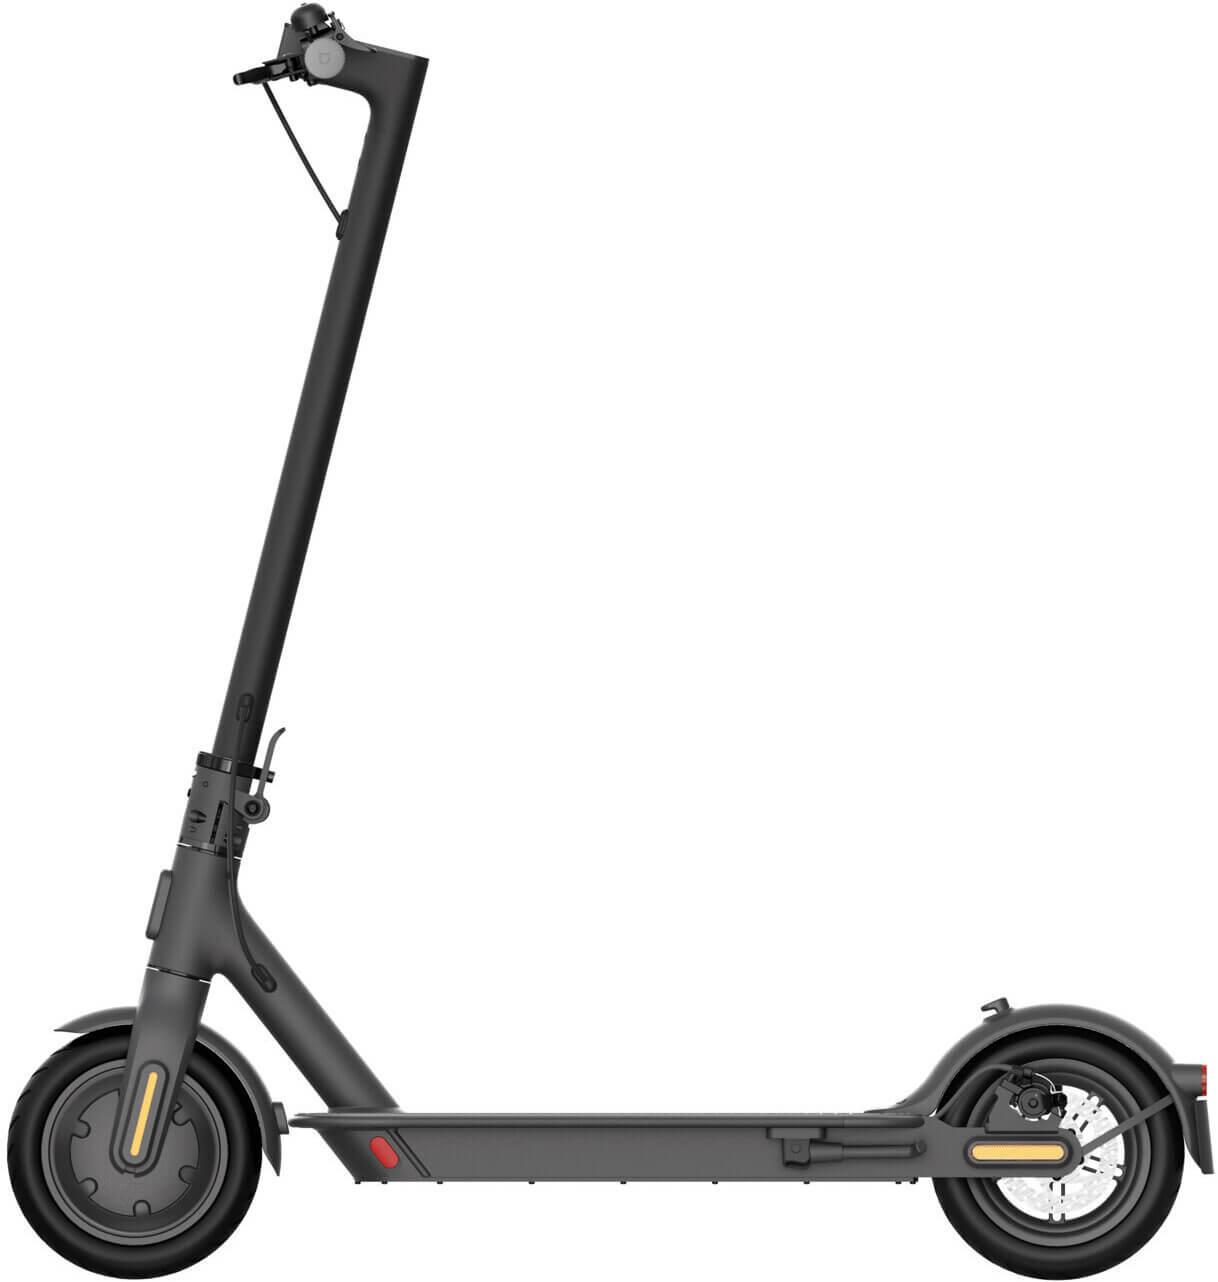 e-scooter-comparison_table-m-1